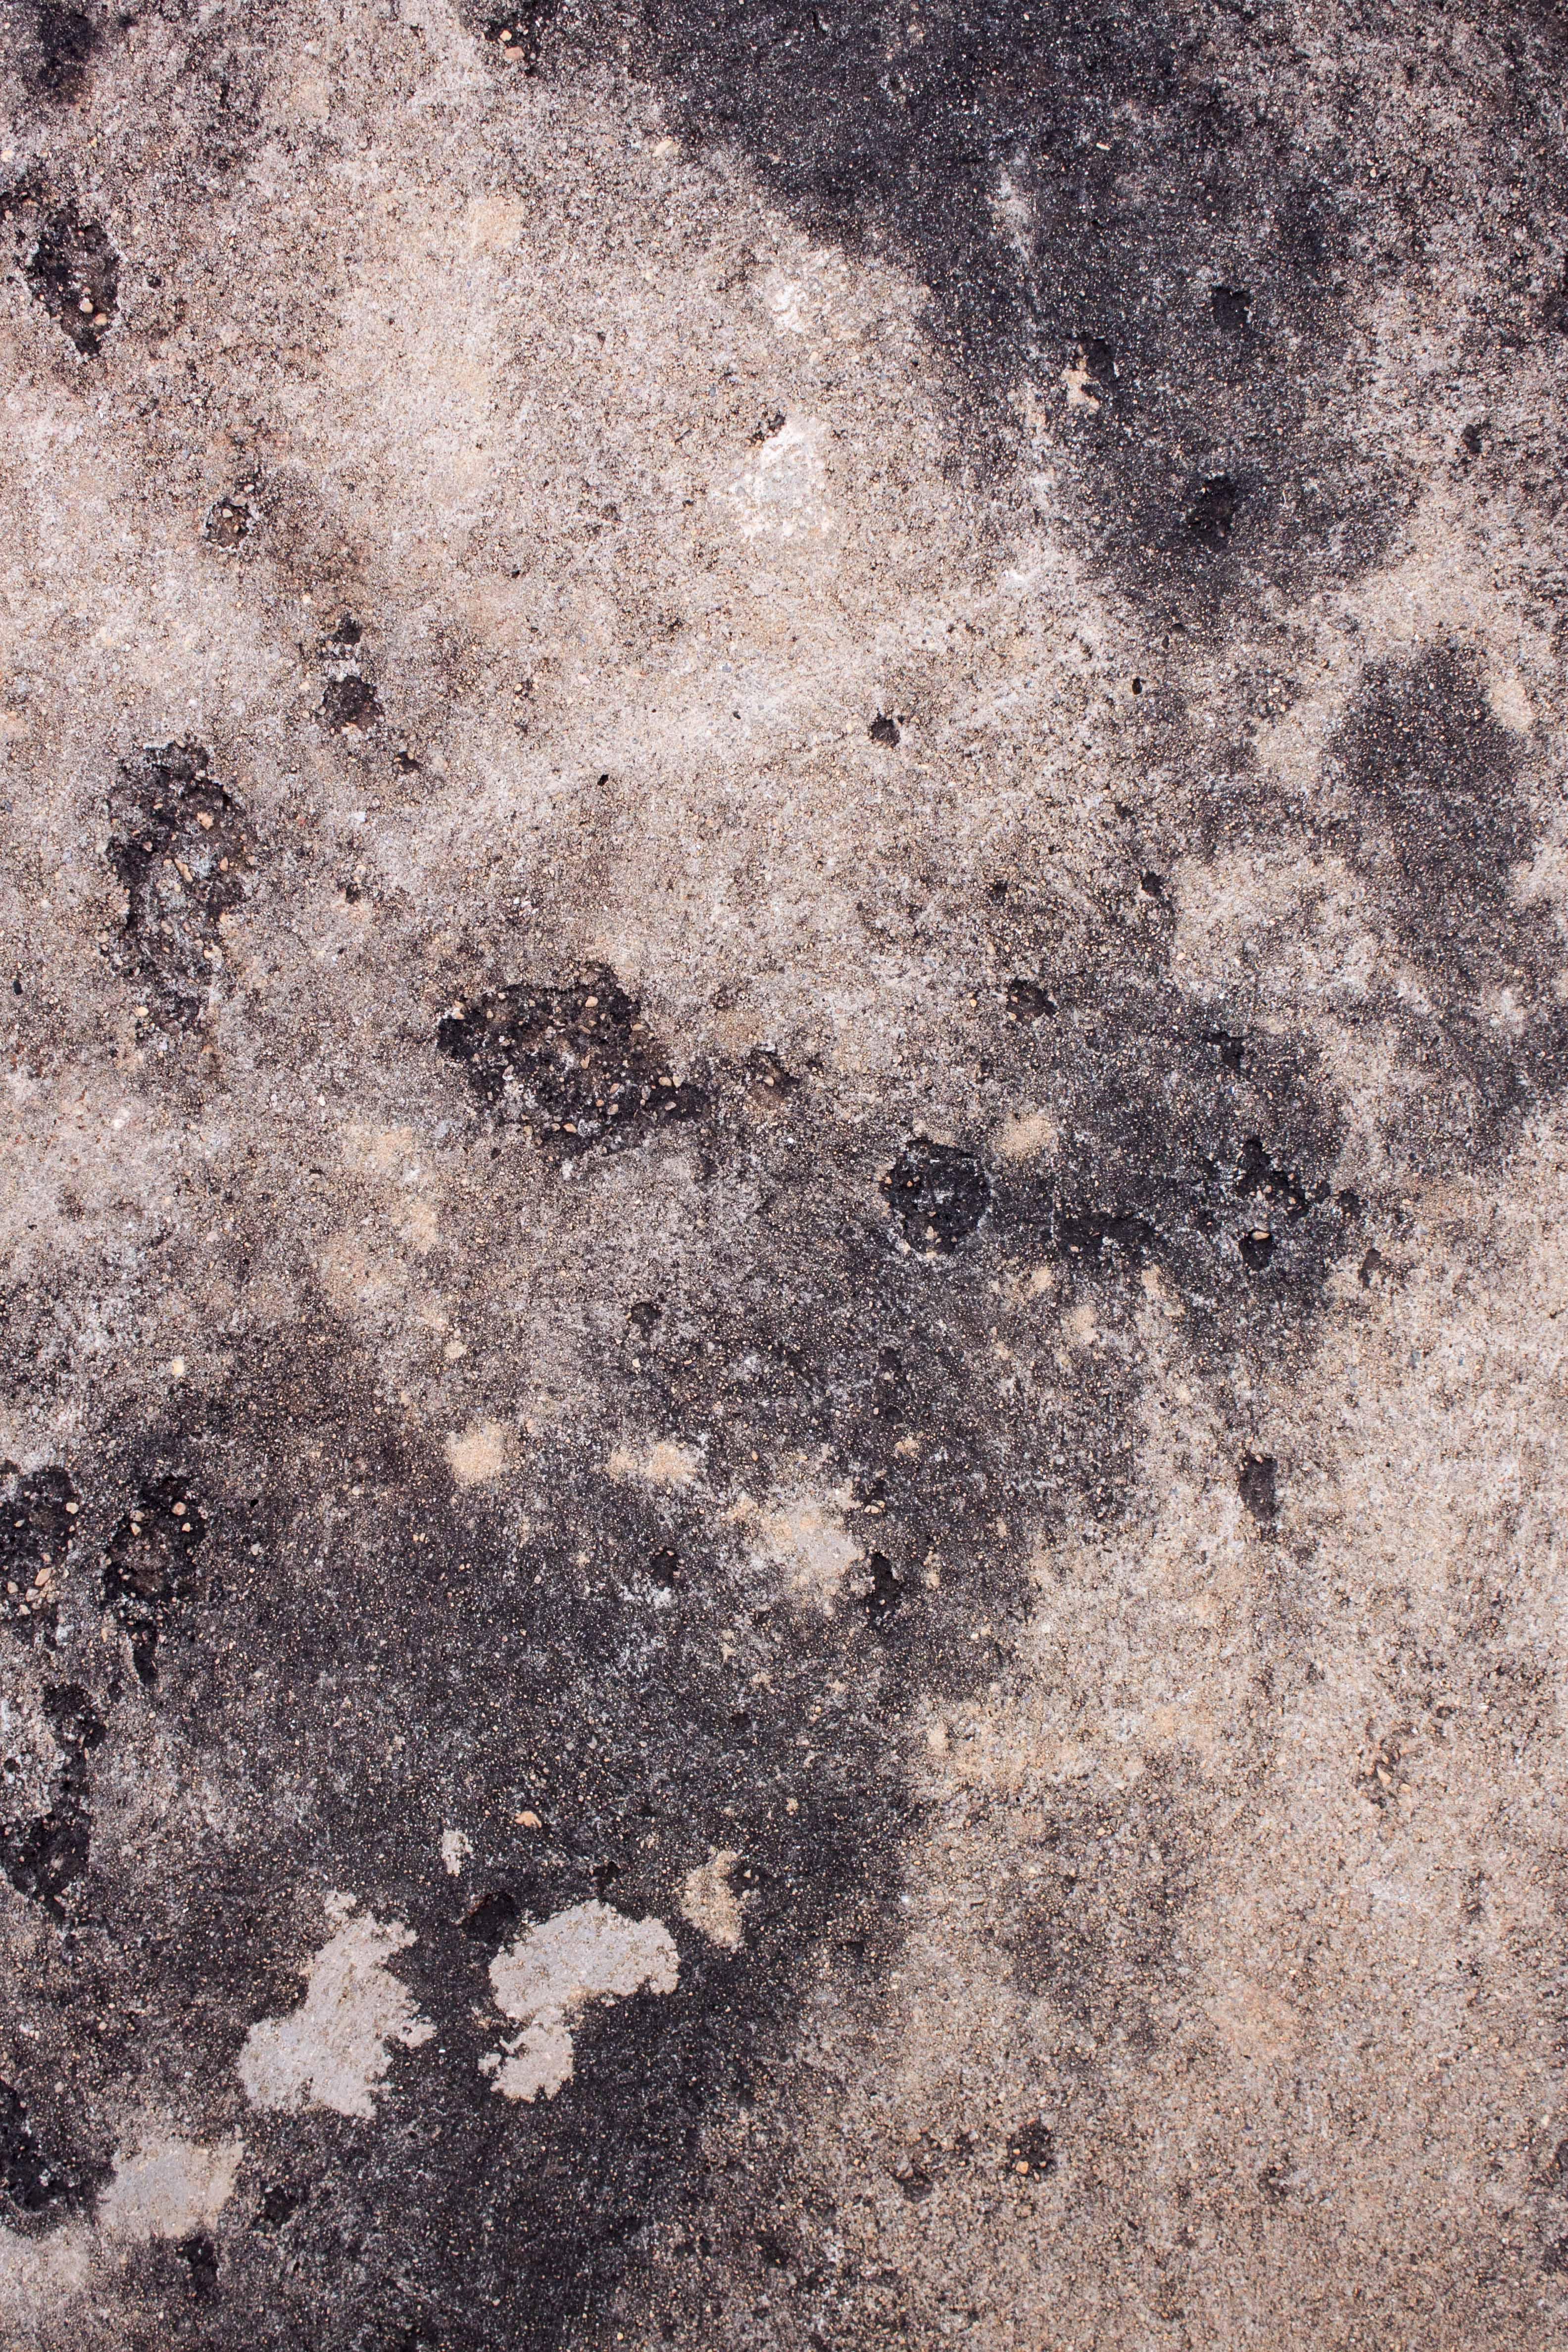 Dark and light concrete texture floor photo